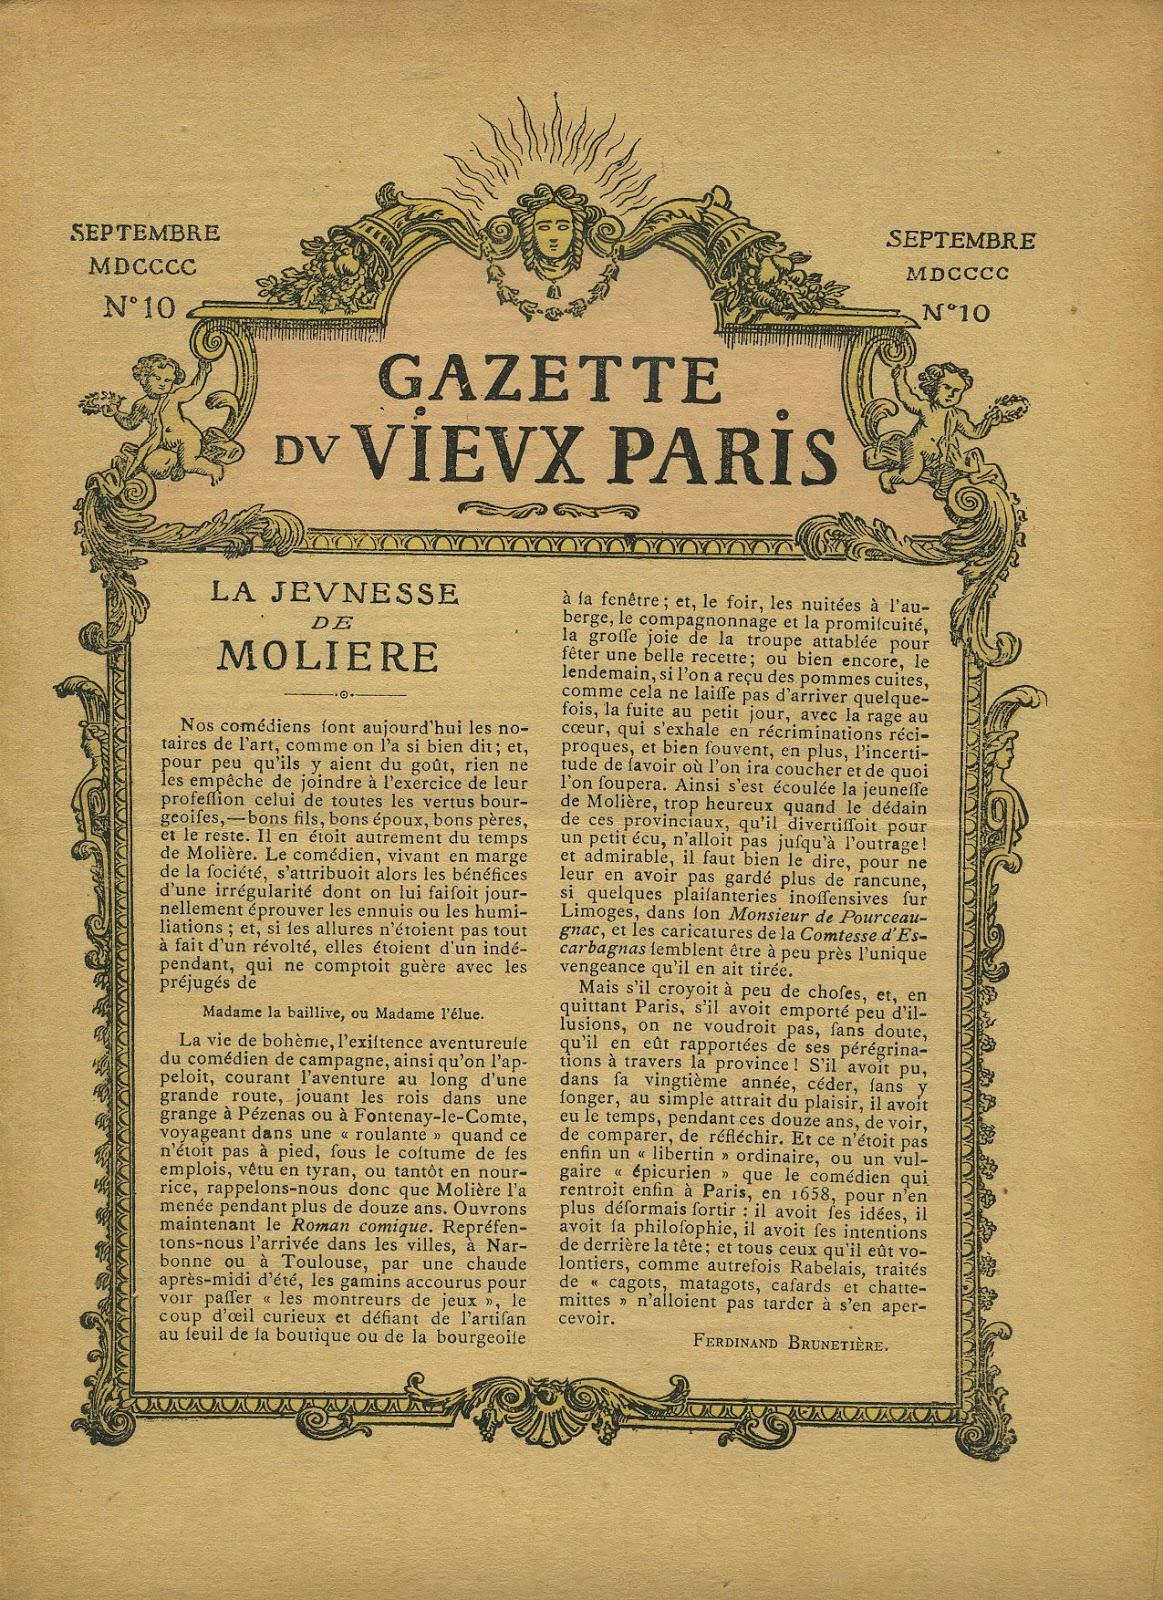 http://zetenancierisbaque.blogspot.fr/2016/07/gazette-du-vieux-paris-n-10-numero.html